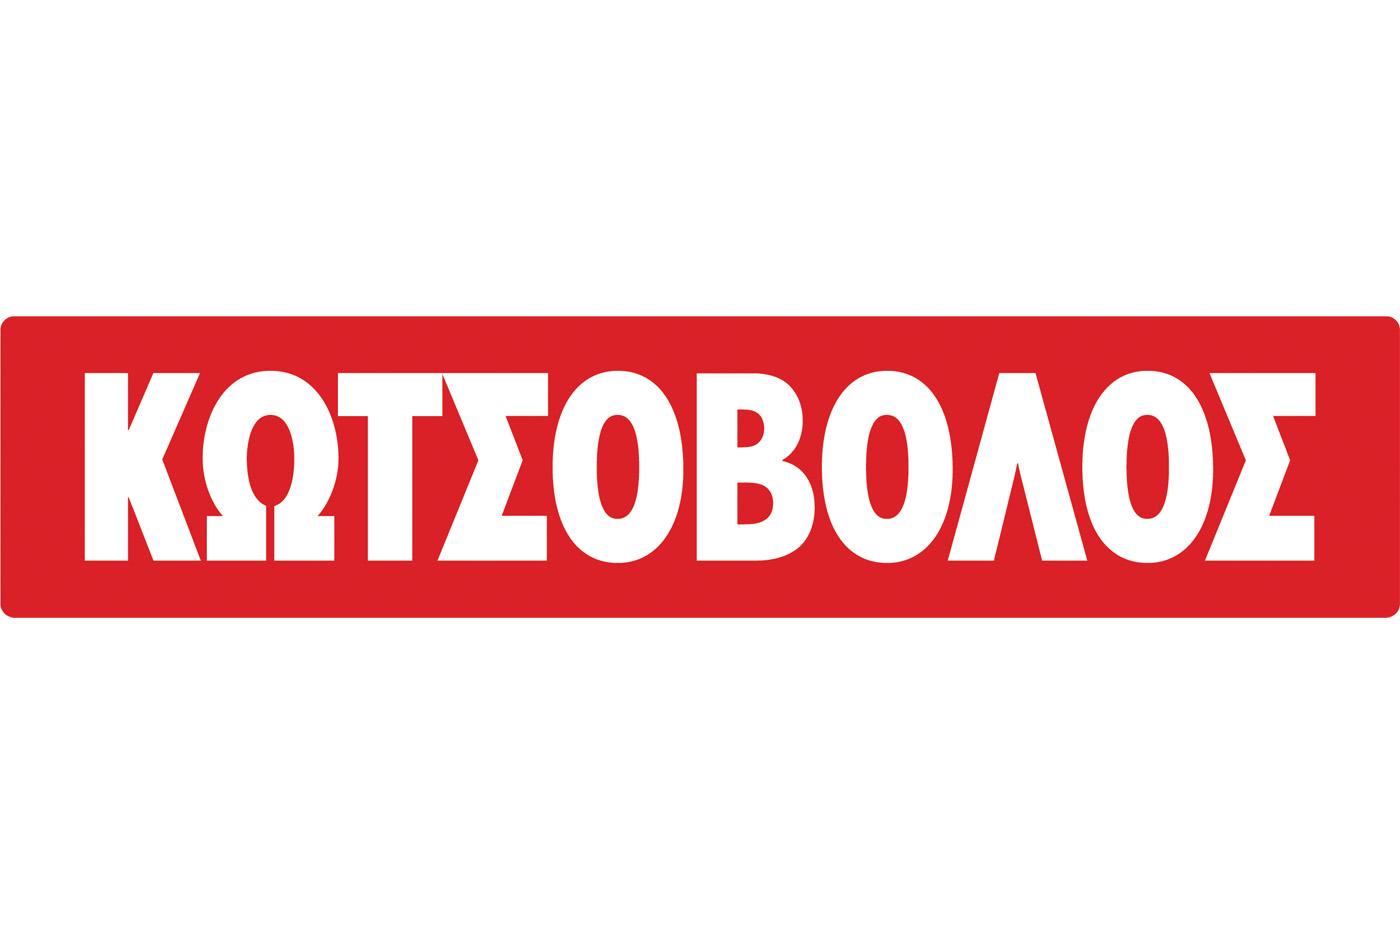 Μία νέα… καλύτερη σχολική ζωή ξεκινάει με την Κωτσόβολος